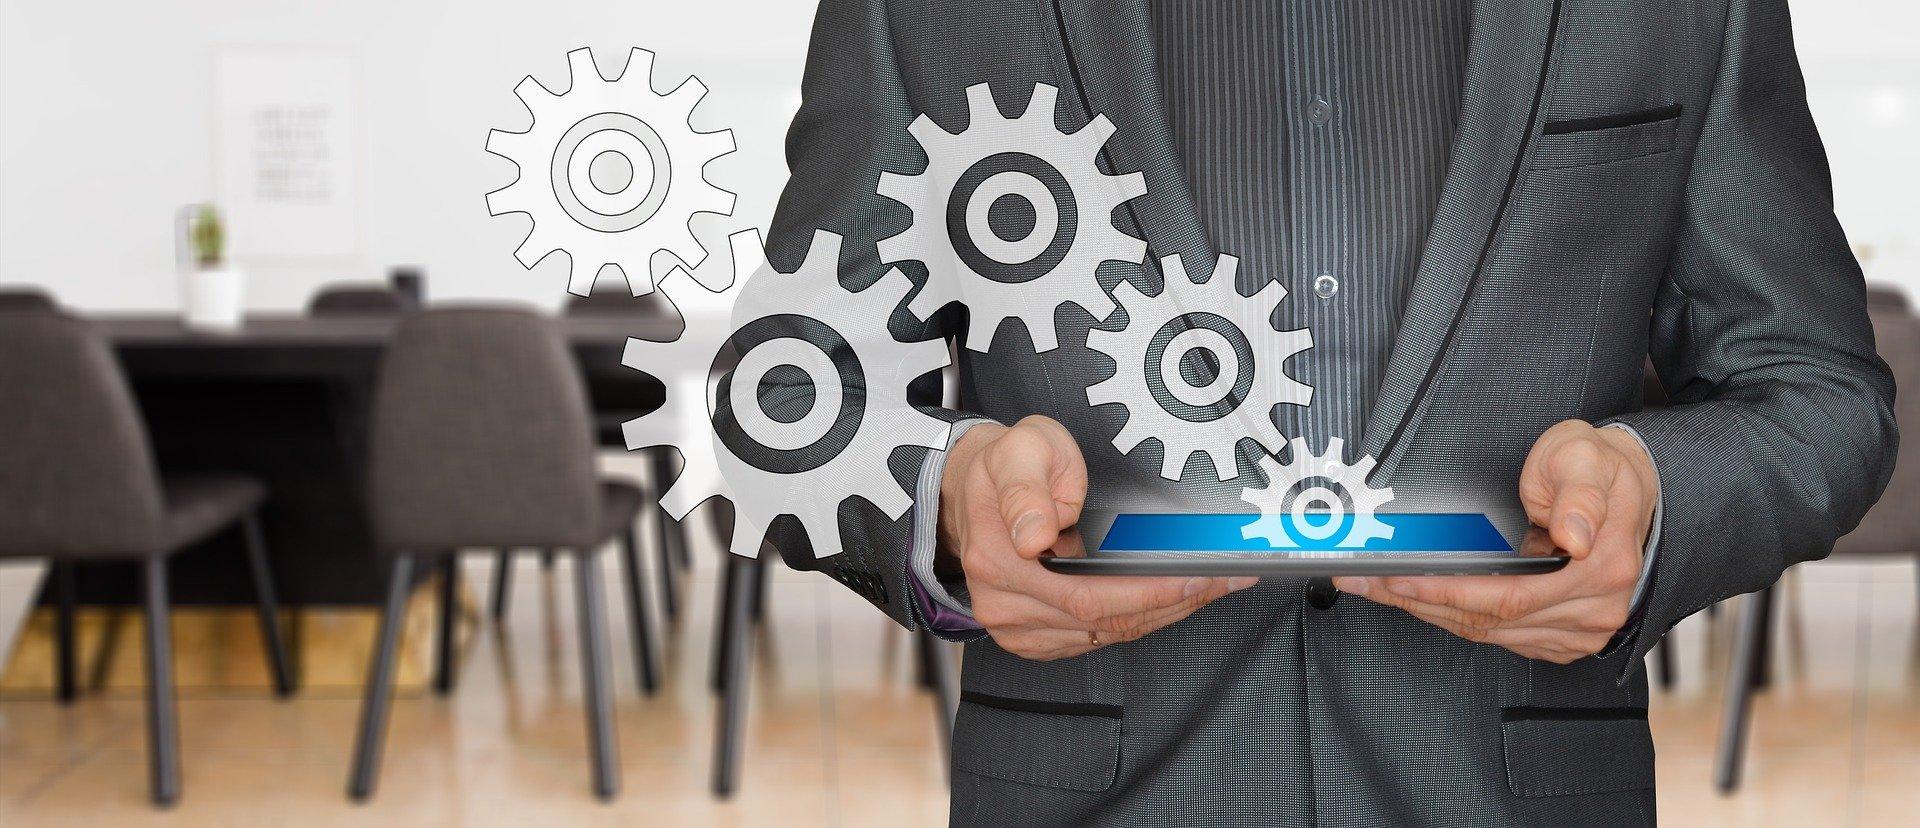 Правительство запустило новую меру господдержки для малого и среднего бизнеса